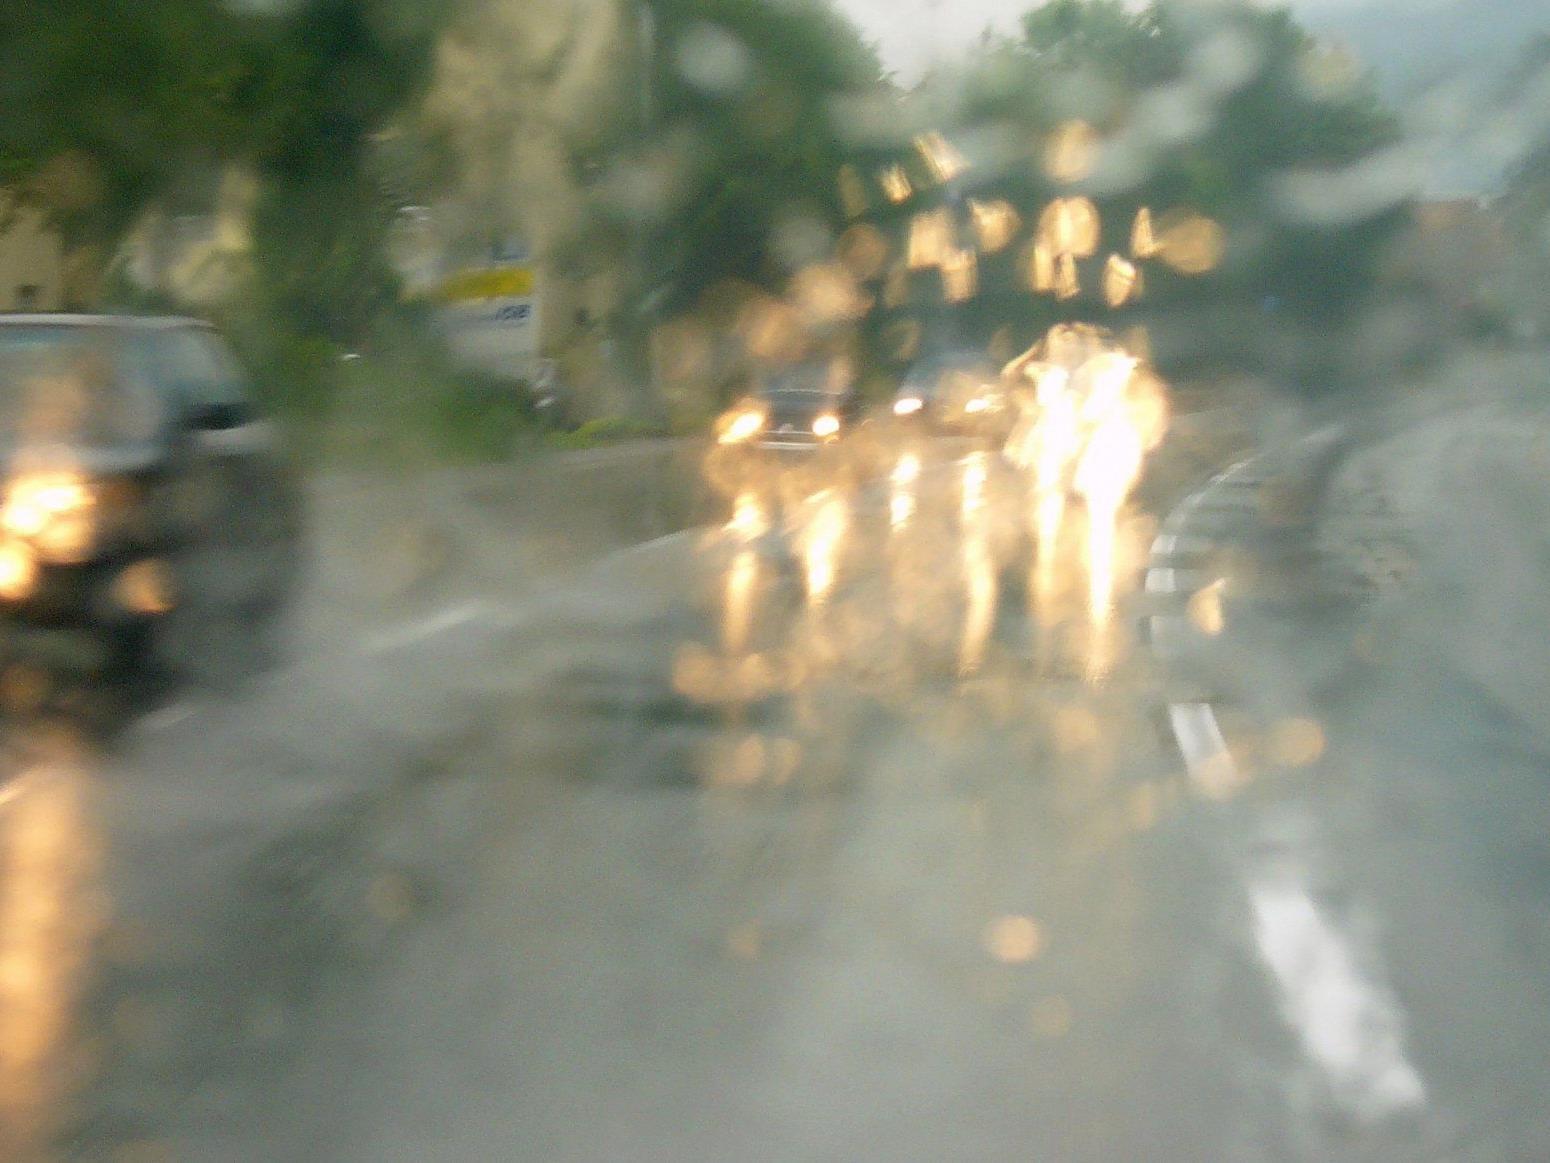 Bei nasser Fahrbahn ins Schleudern geraten.